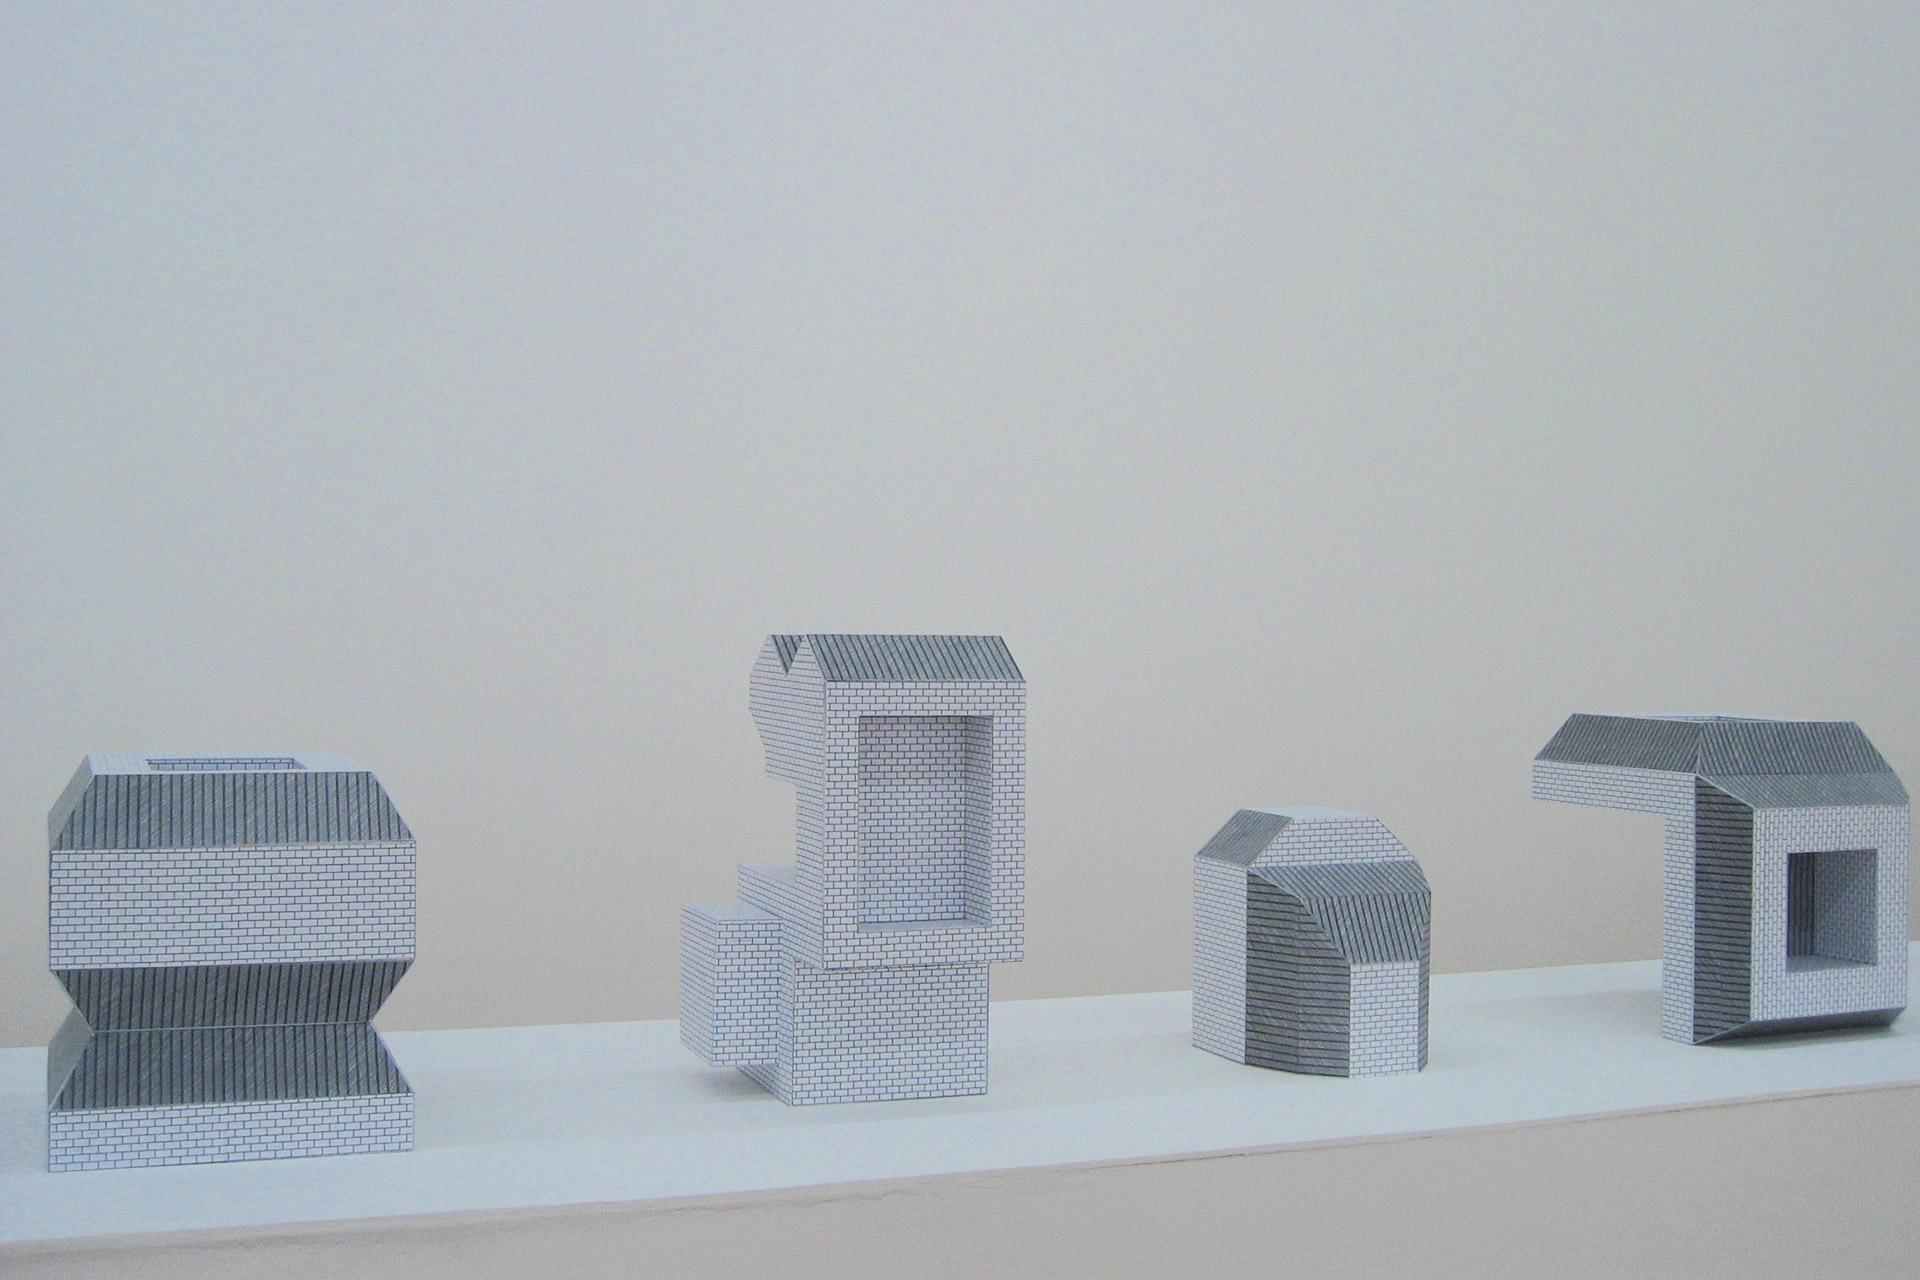 Valentin-Magaro-Kunsthalle-Winterthur-2009-1.jpg